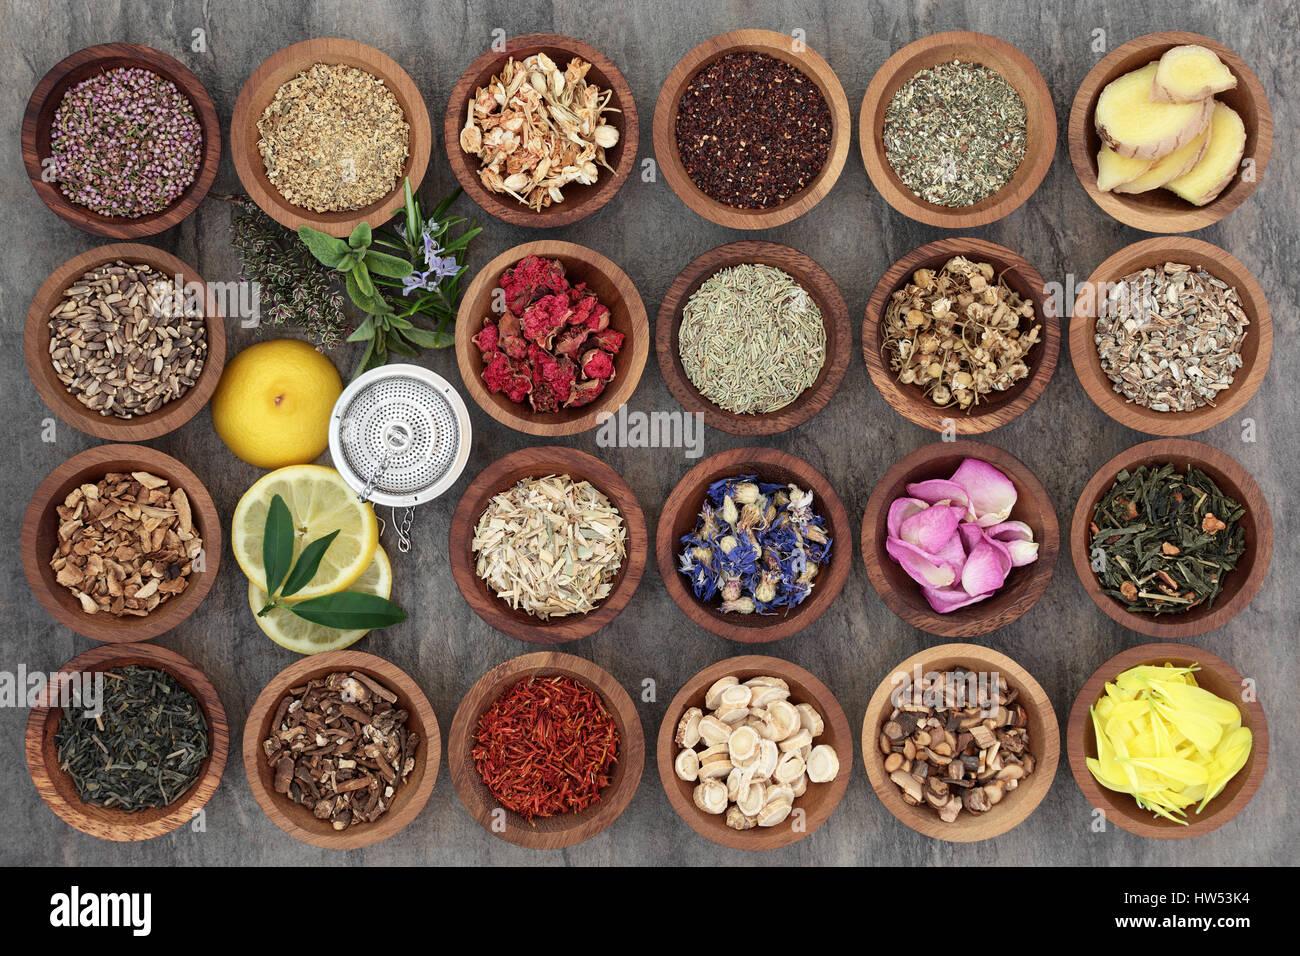 Gesunde Krauter Tee Auswahl In Holzerne Schalen Und Locker Mit Sieb